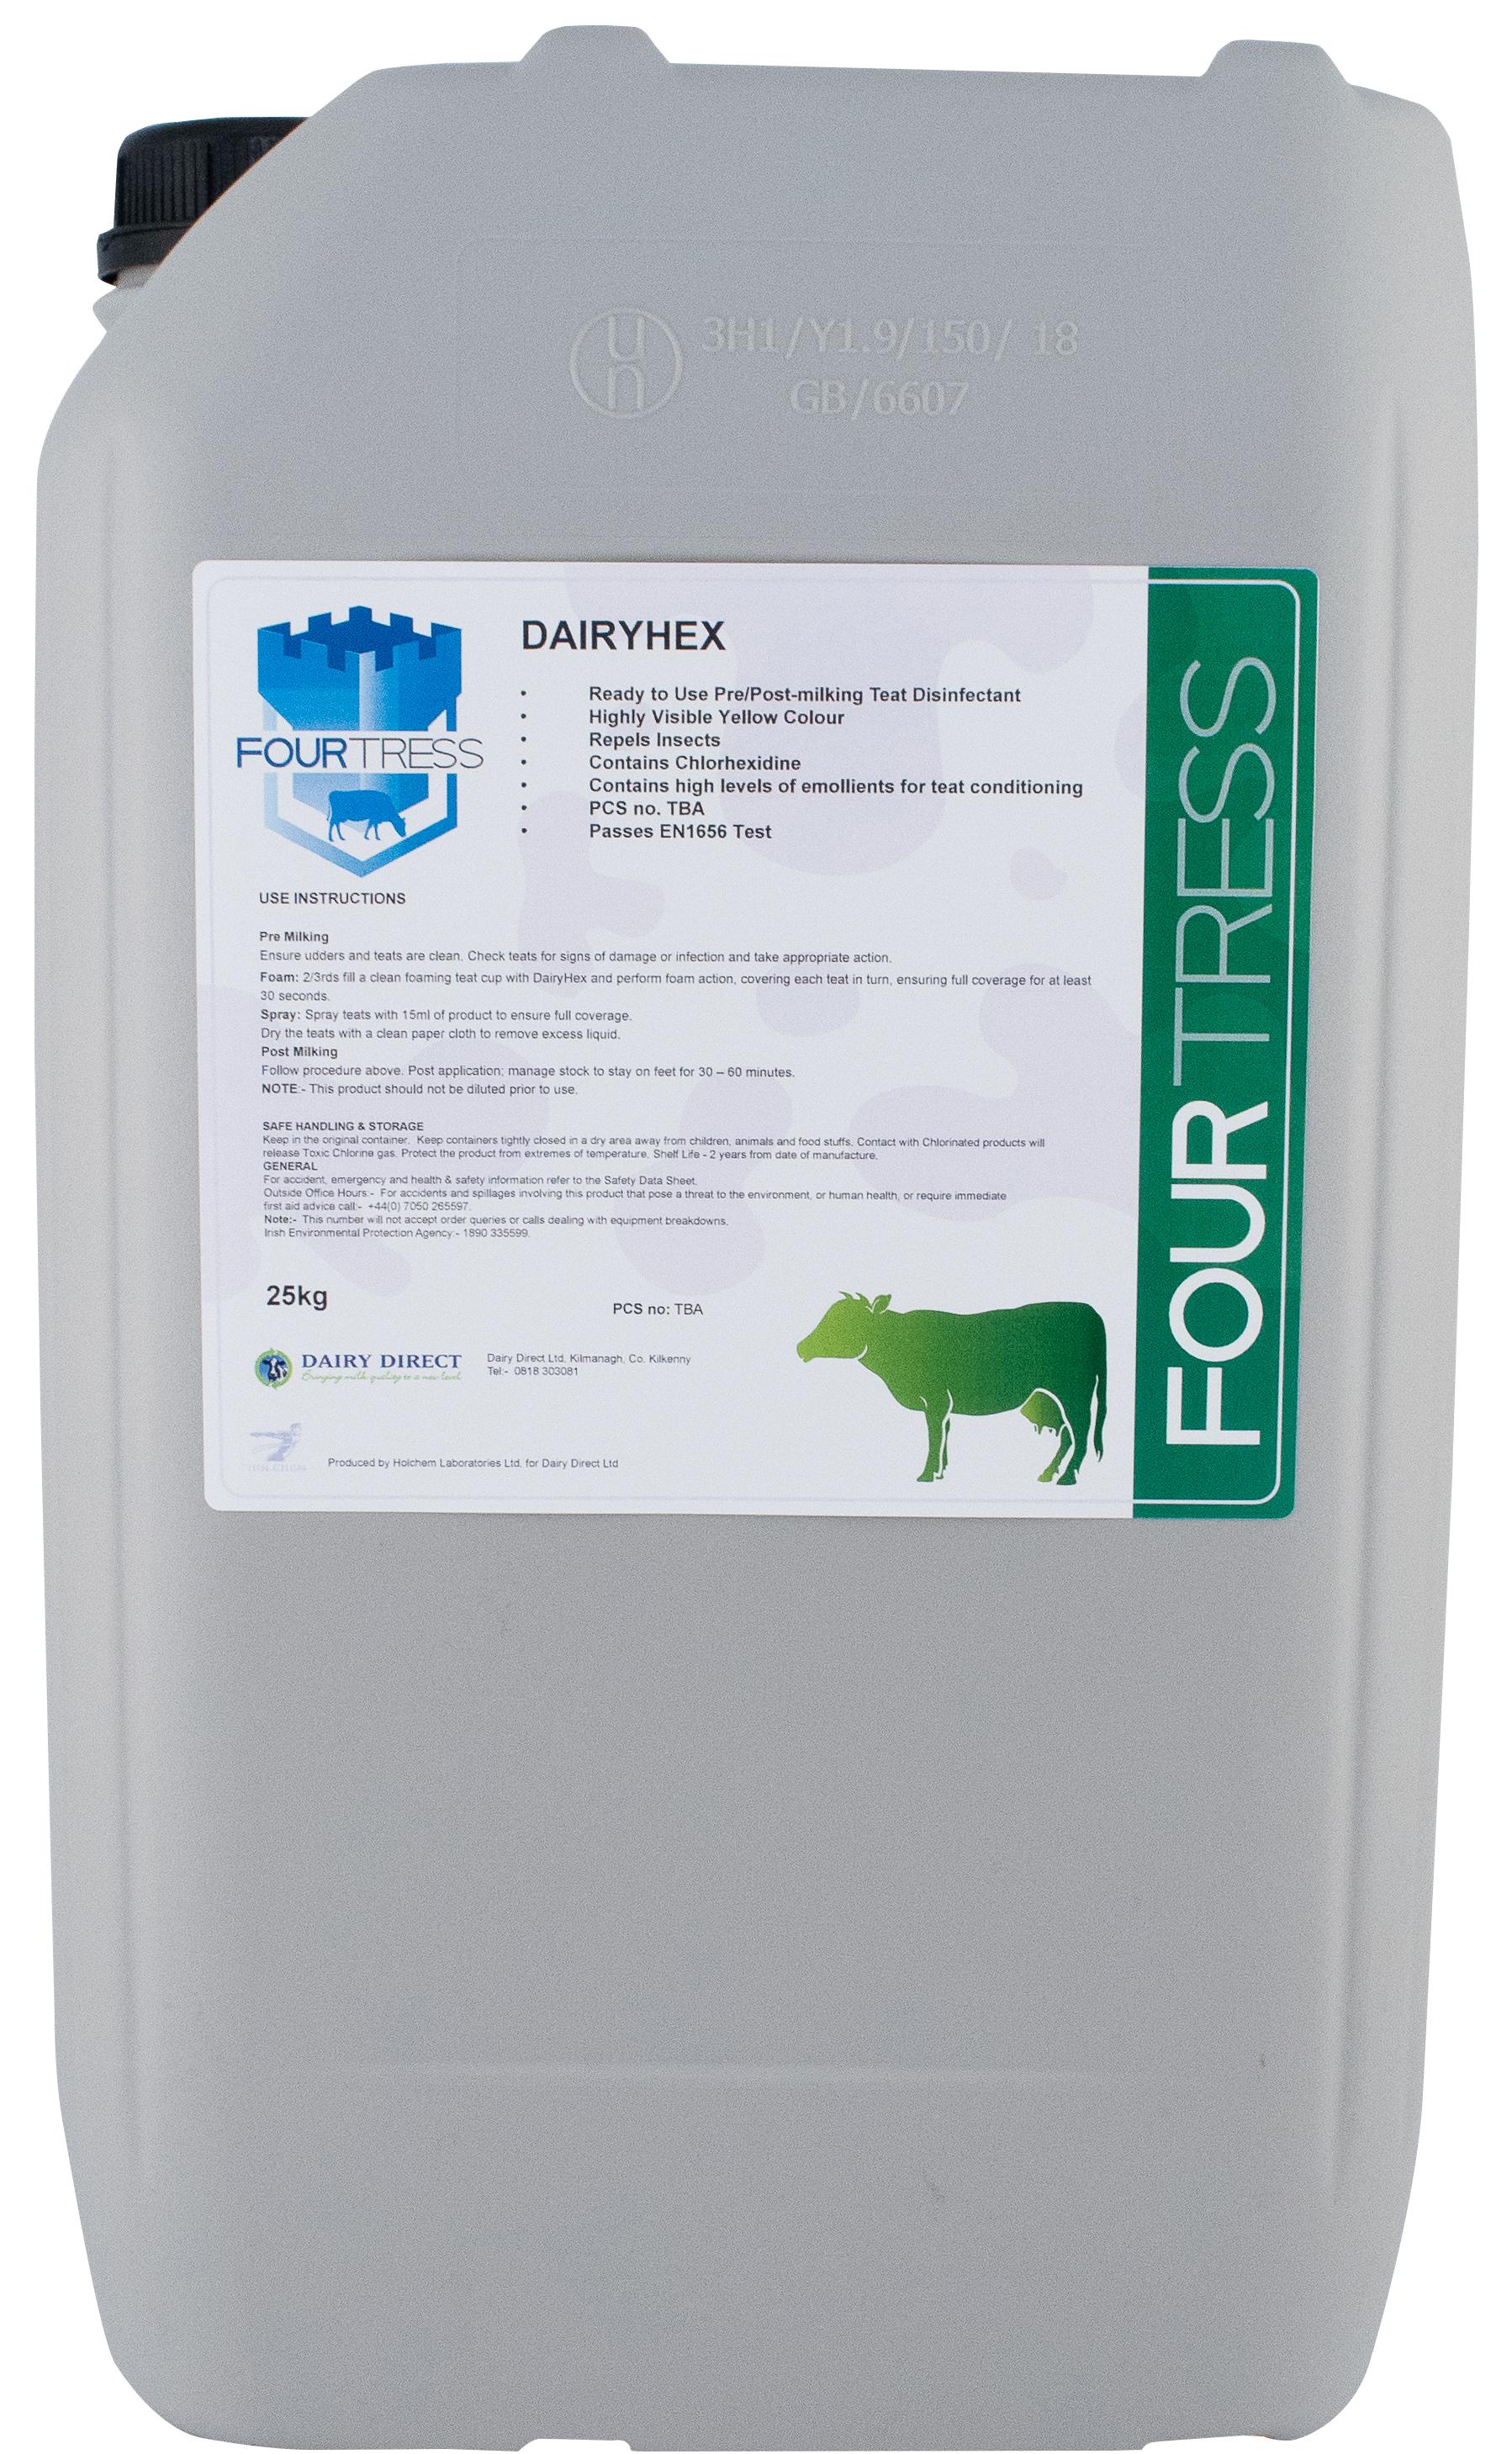 Dairyhex